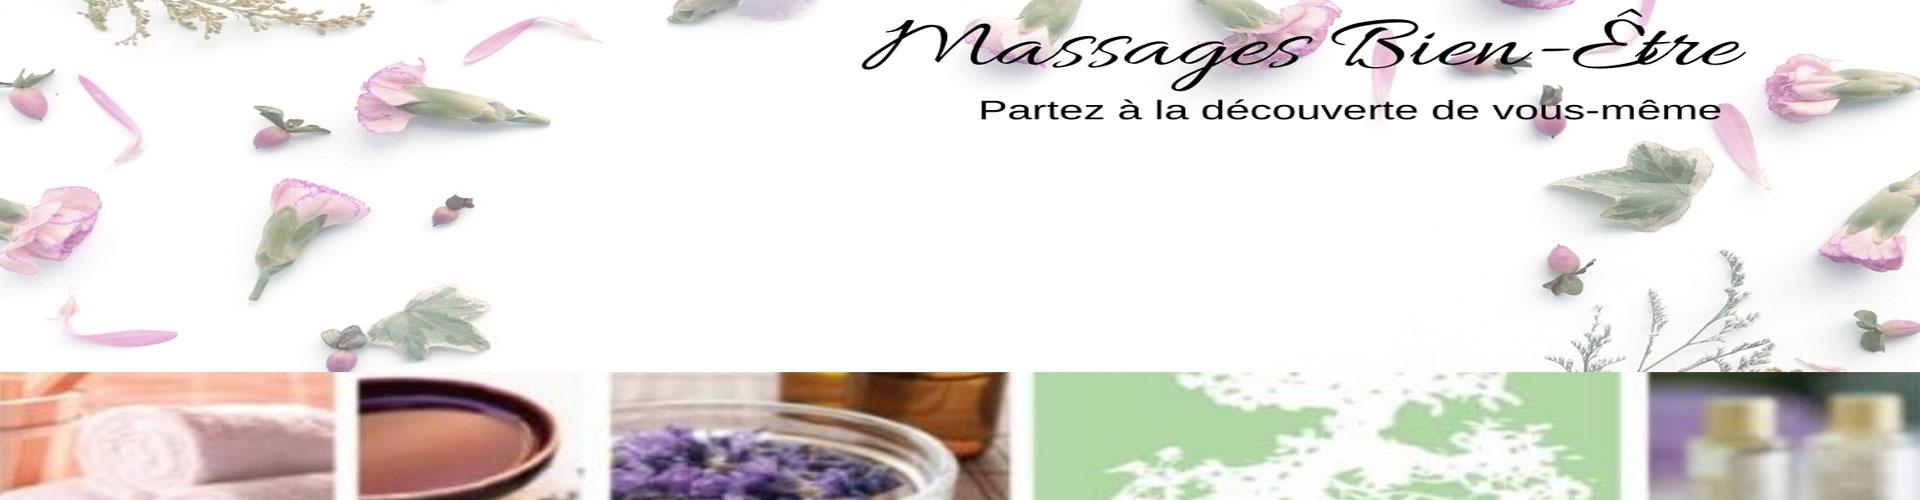 Massage Bien-Être, Corinne Lafarge Canrières Hérault